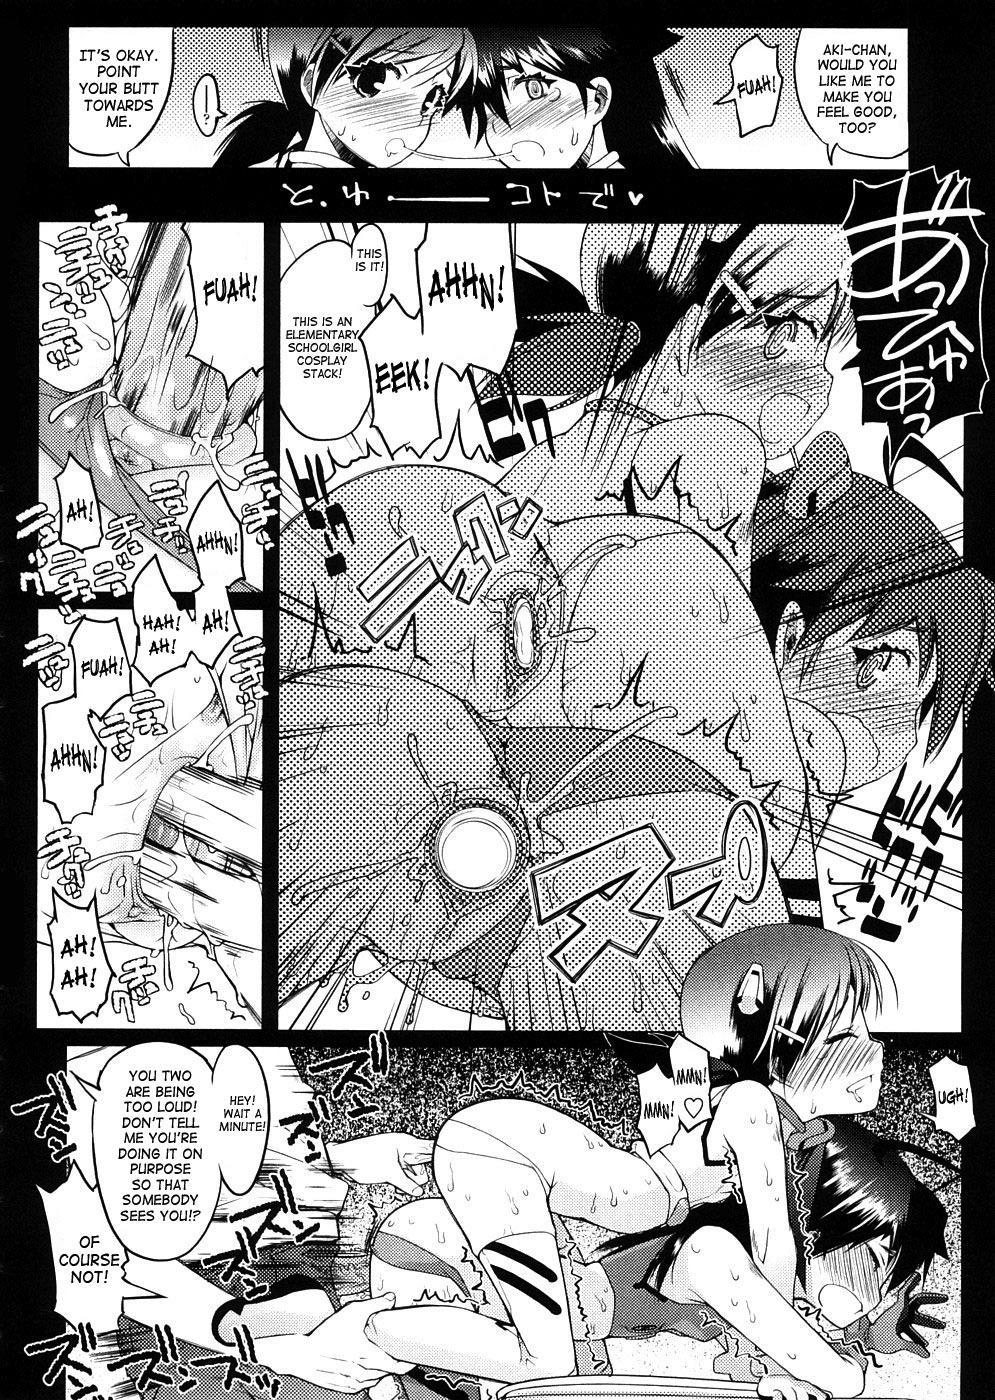 [Asaki Takayuki] Sho-Pan!! Ch.1-9 [English] [SaHa] 125